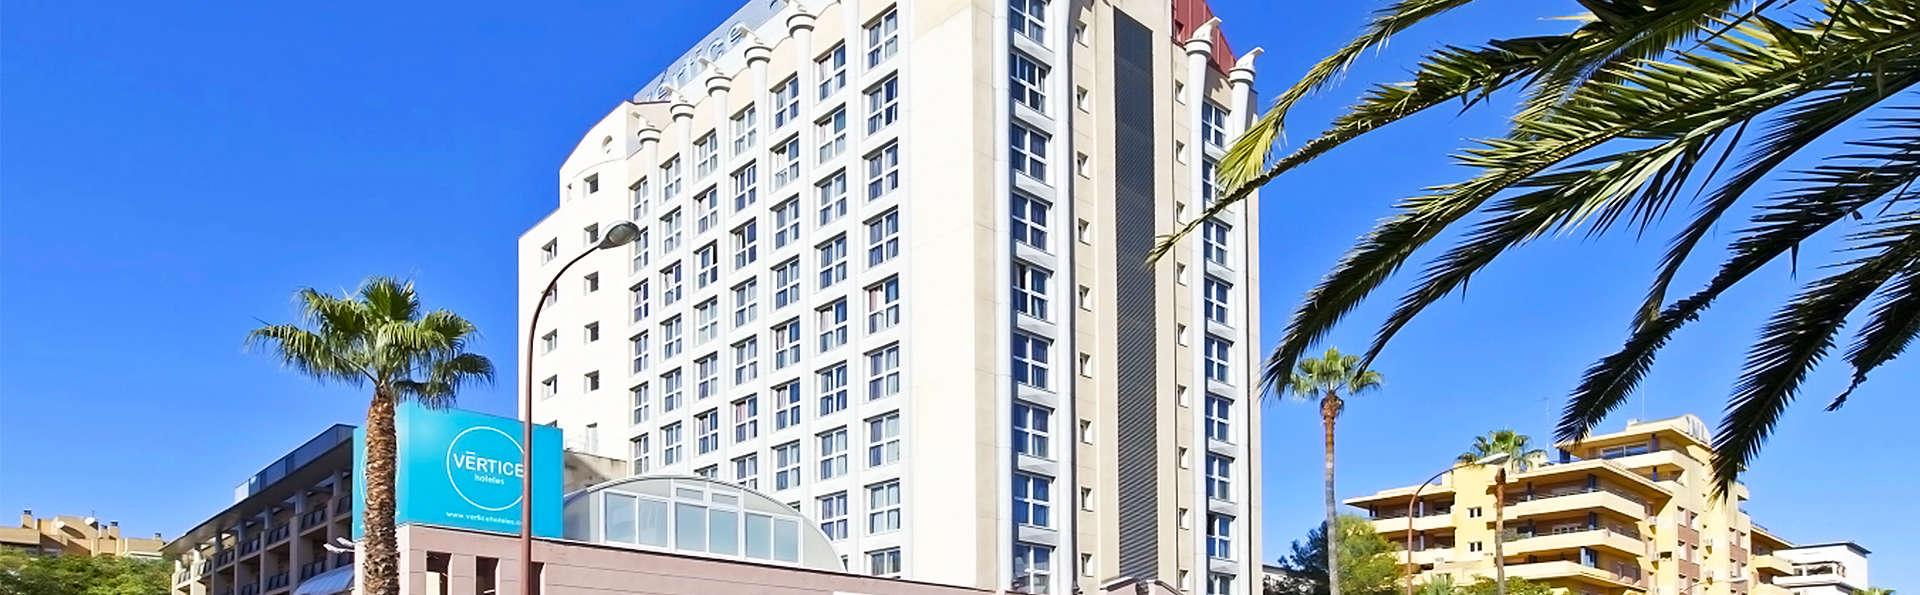 Hotel Vértice Sevilla - EDIT_1_fachada.jpg